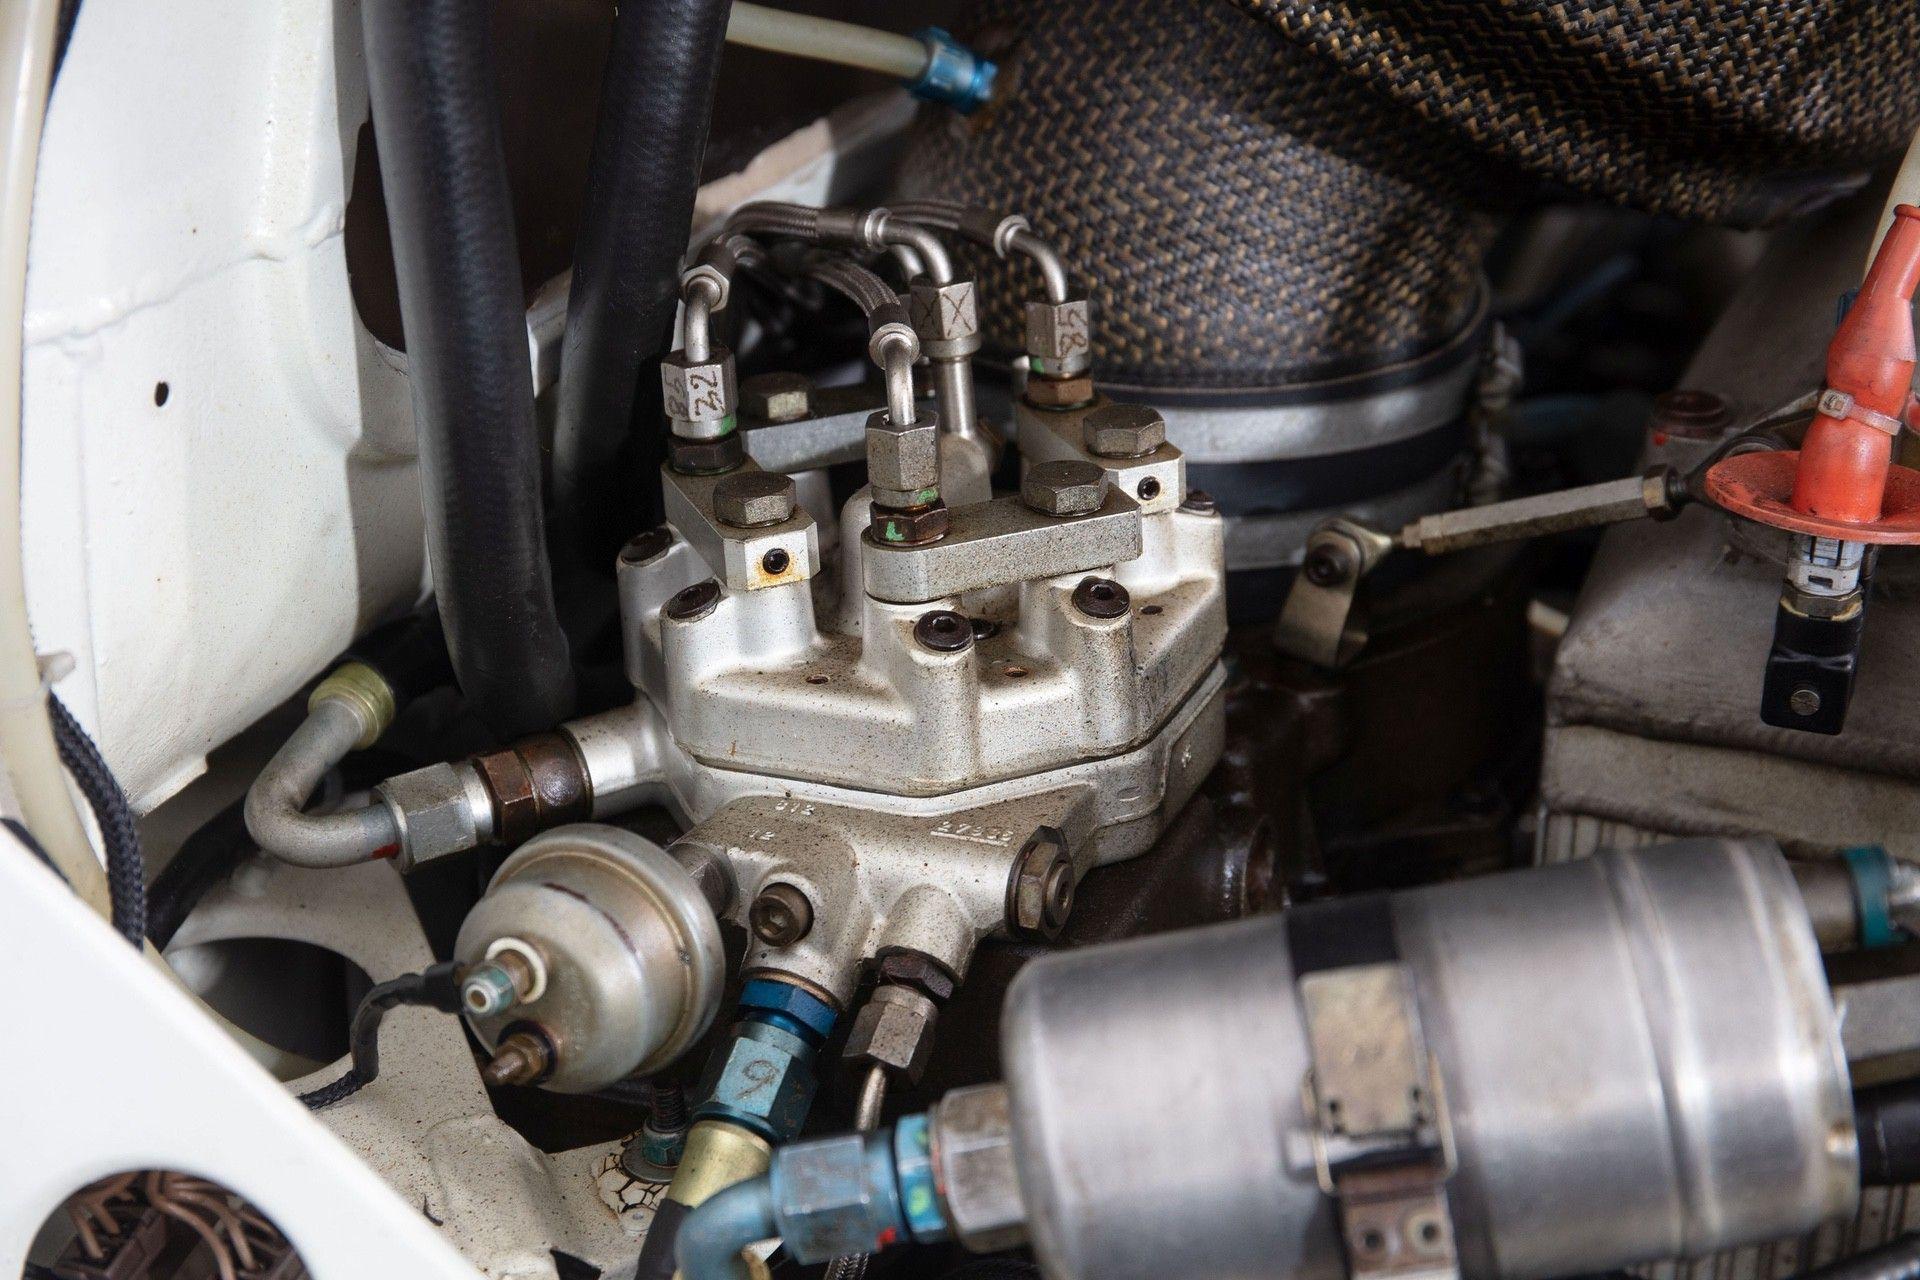 1985_Peugeot_205_Turbo_16_Evolution_2_sale-0040